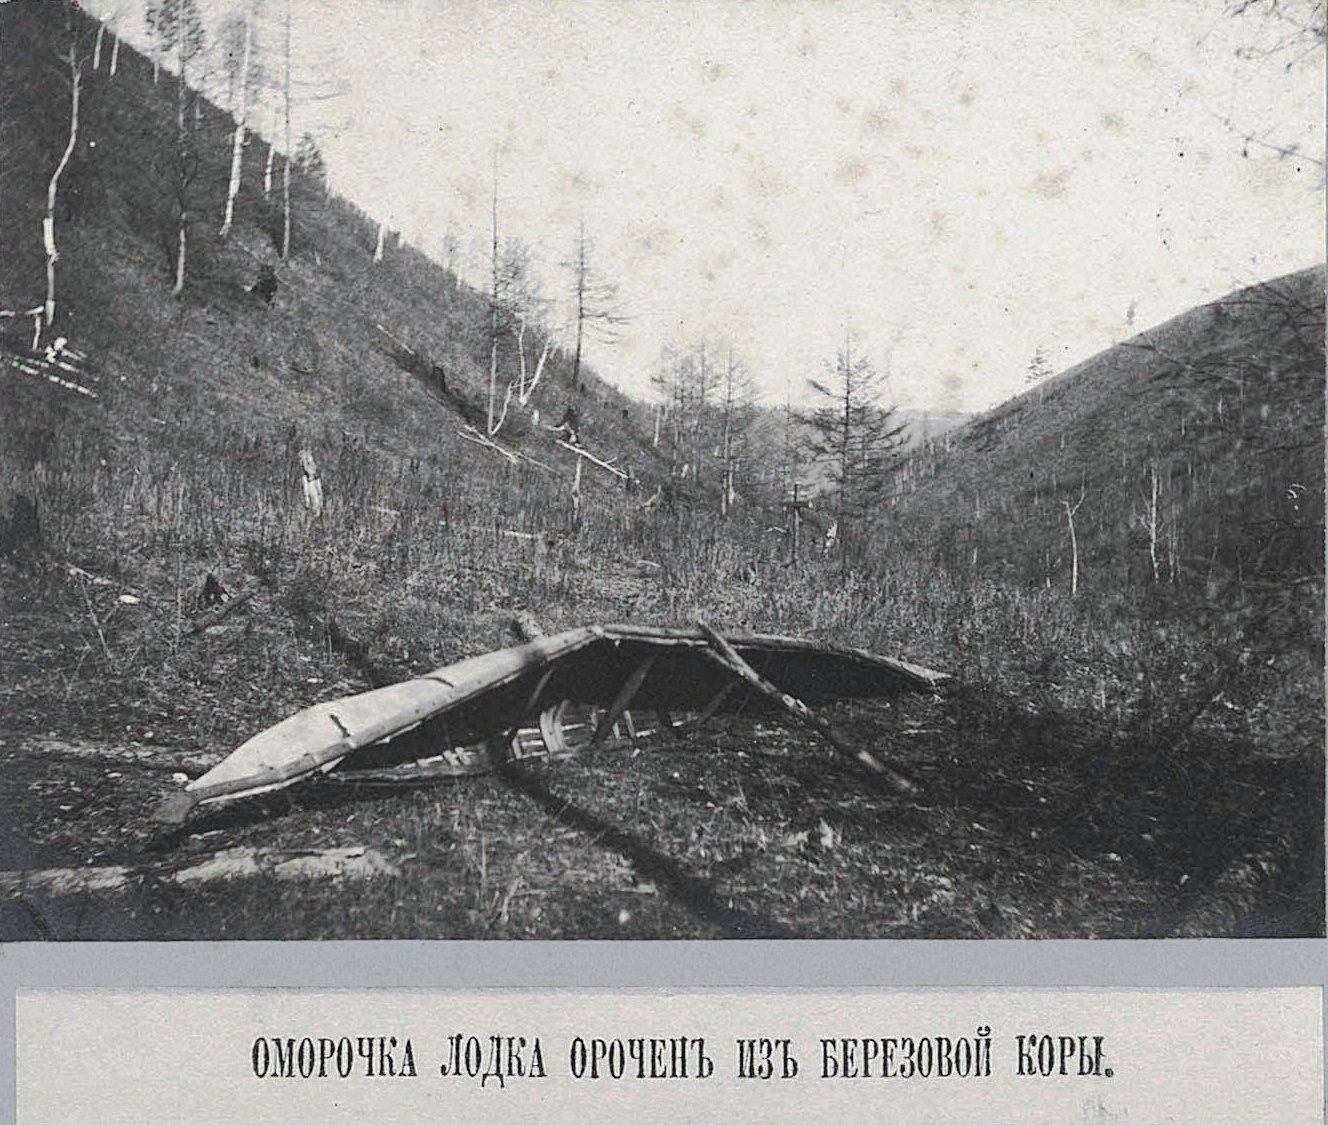 134. Оморочка - лодка орочен из берёзовой коры